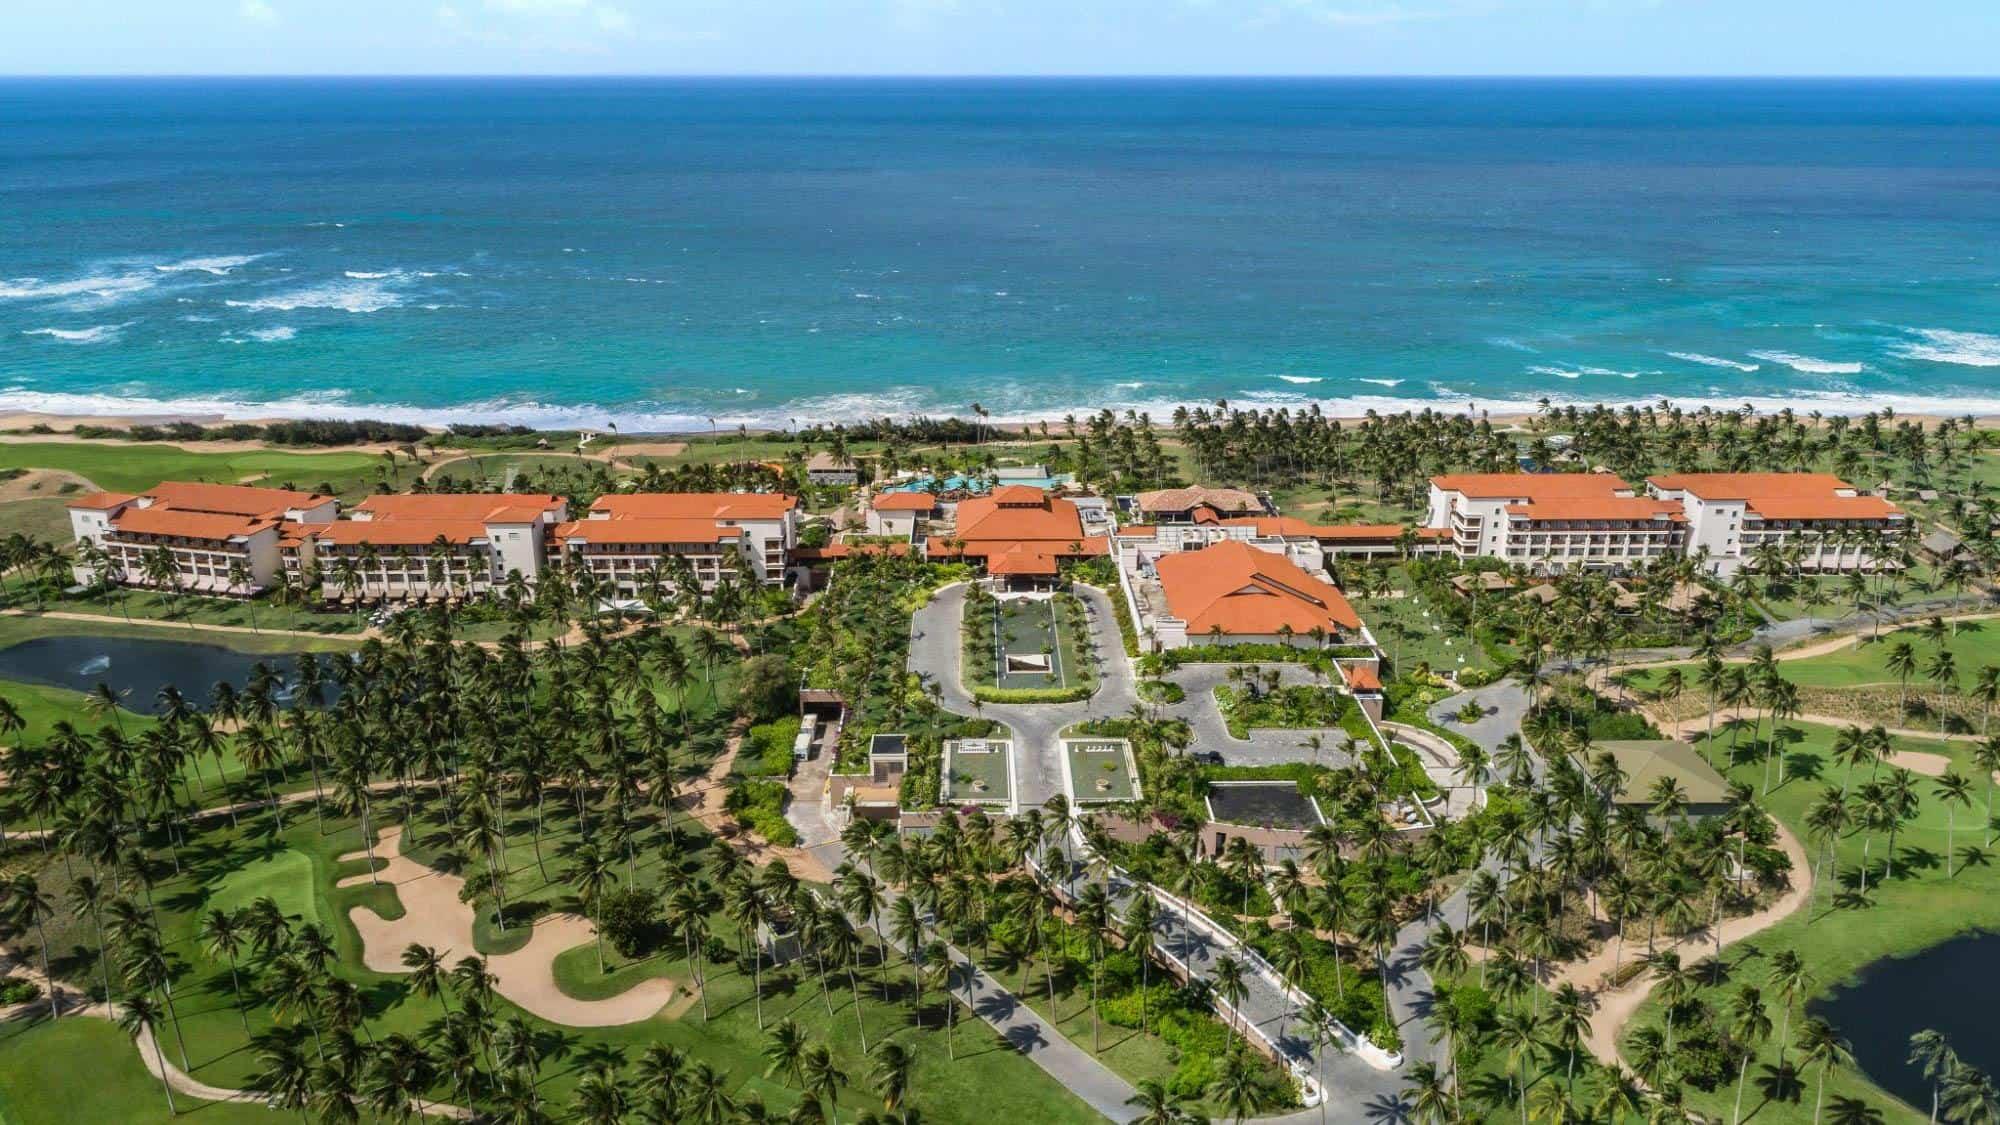 Shangri La's Hambantota Golf Resort and Spa Arial View